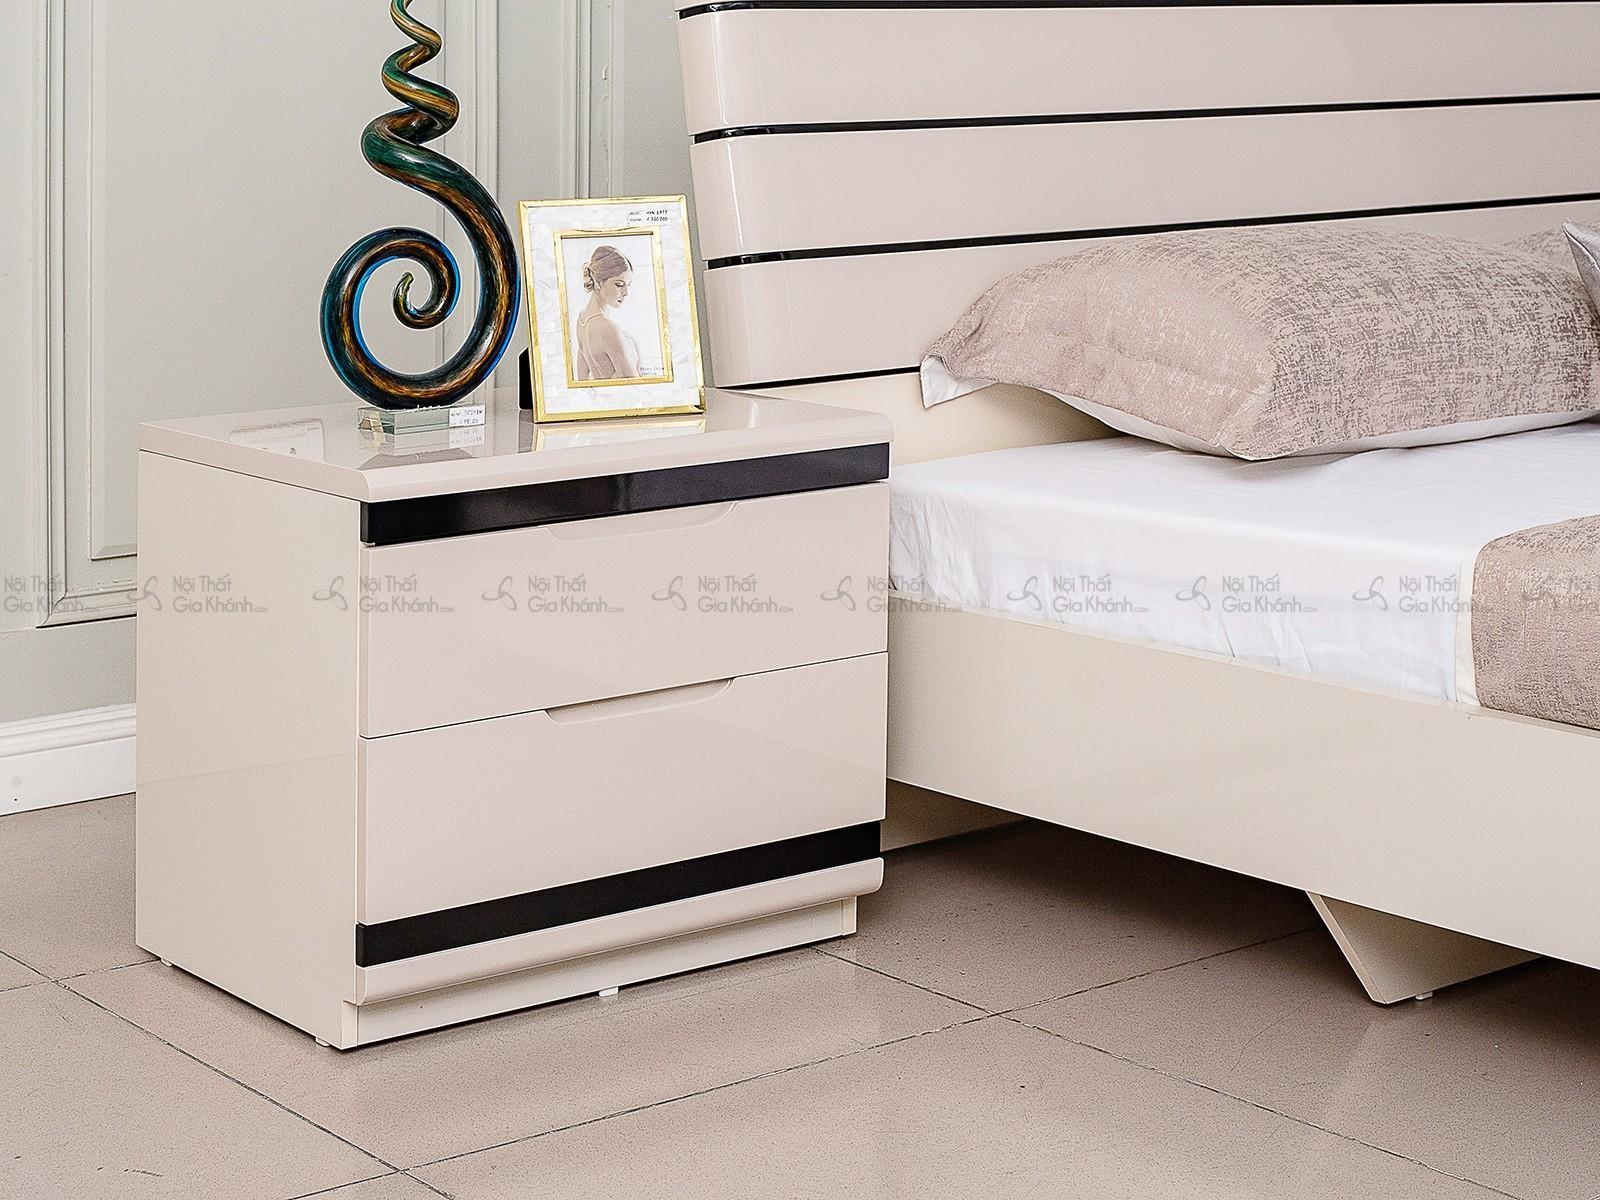 Giường Ngủ Gỗ Hiện Đại Nhập Khẩu GI3307-15